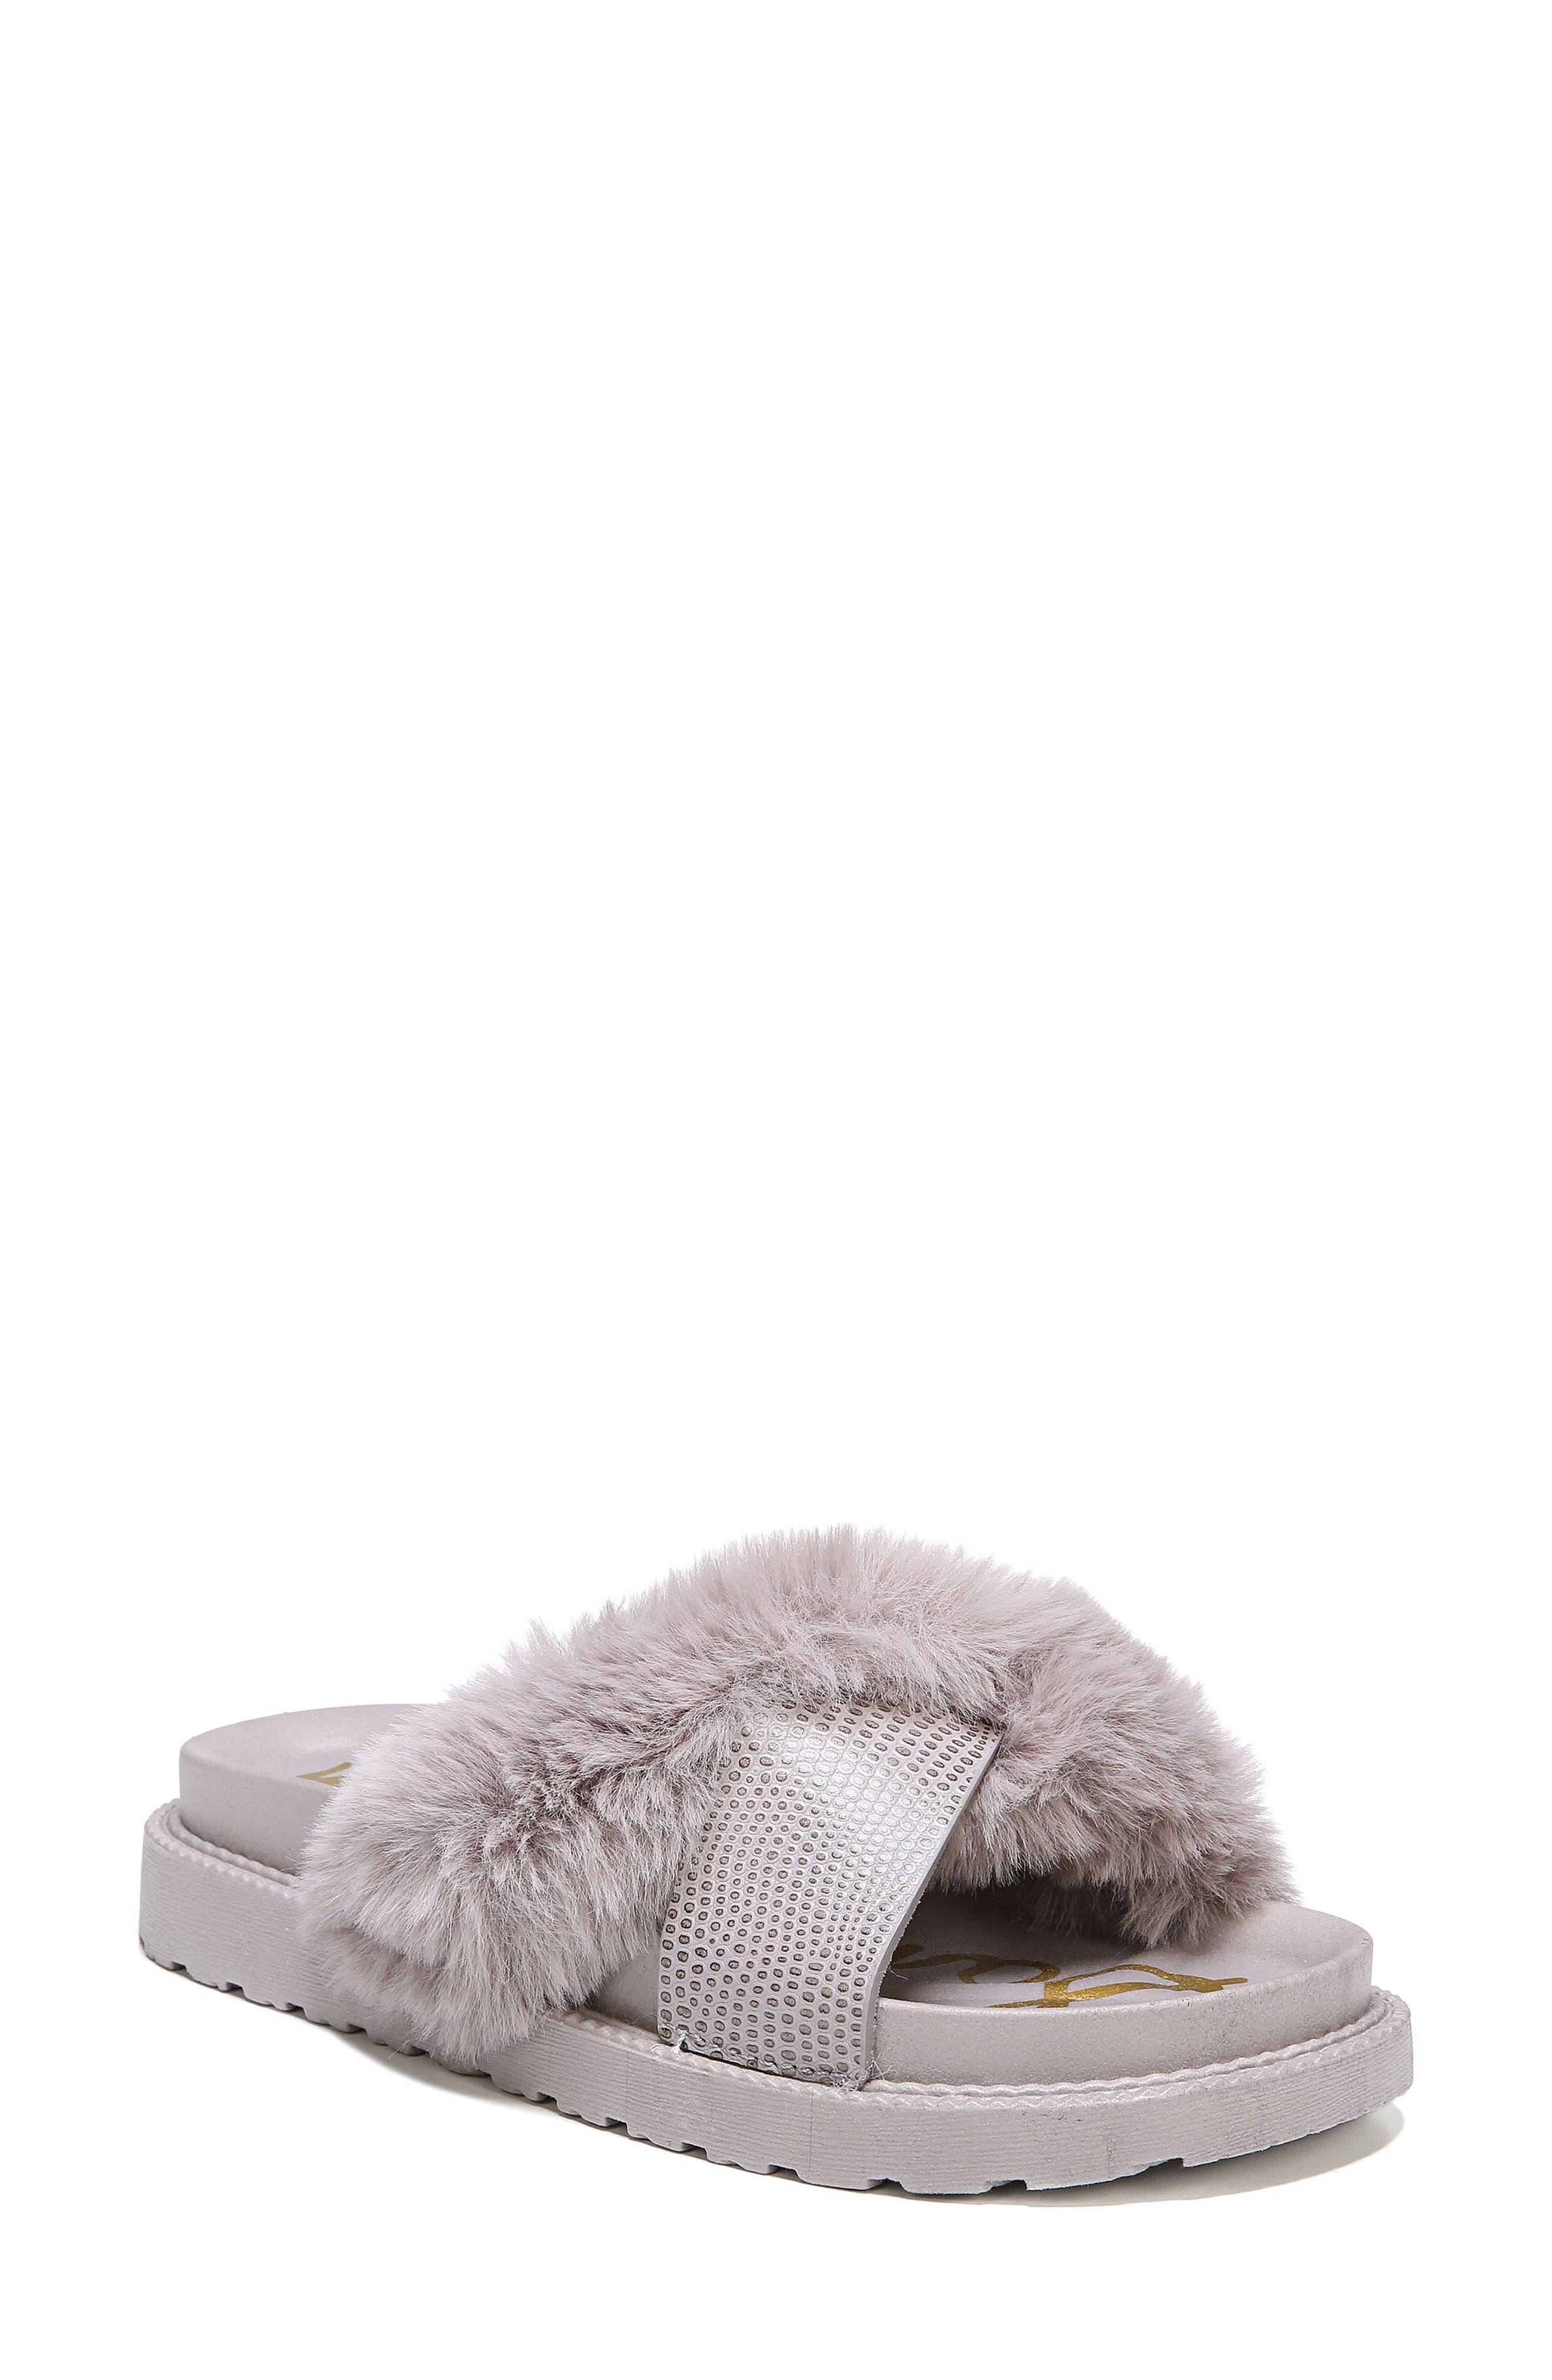 SAM EDELMAN Bianca Faux Fur Cross Strap Sandal